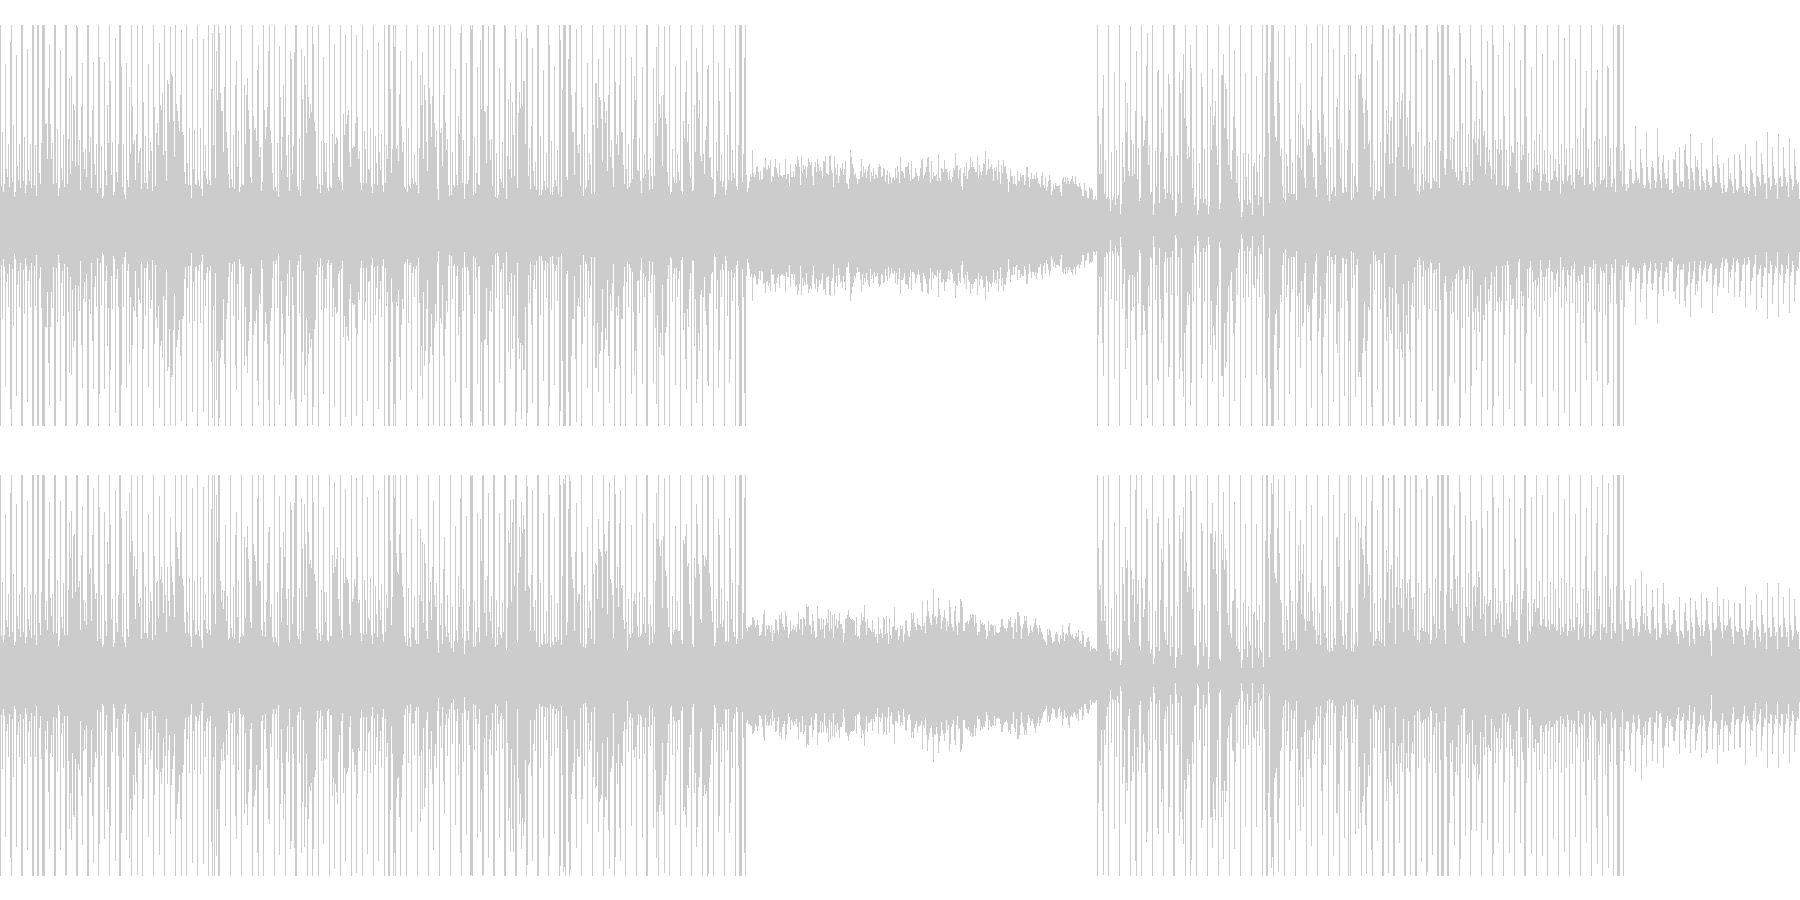 カリンバとシンセのビートの未再生の波形